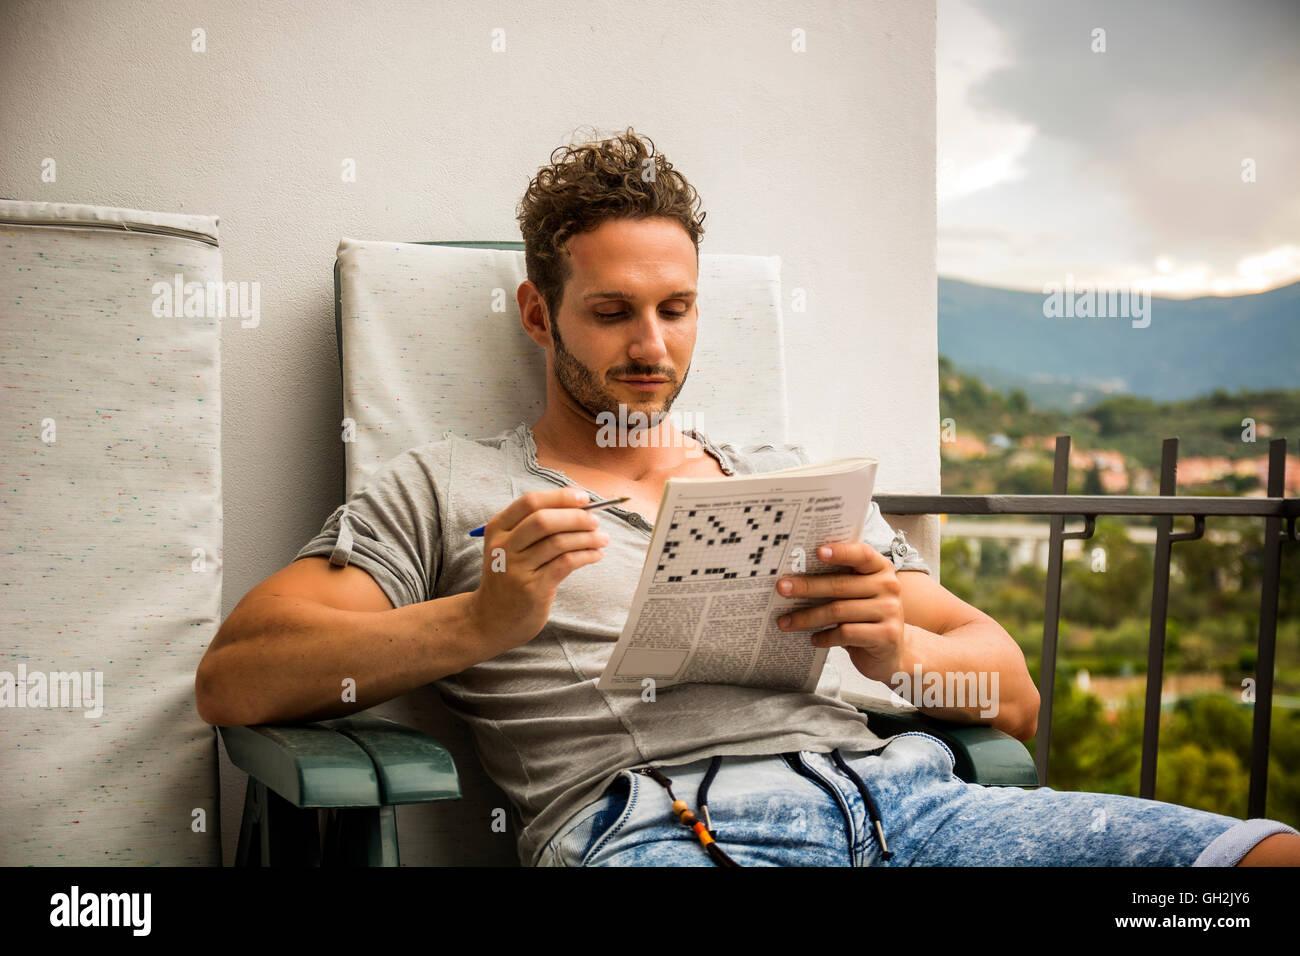 e6489145040ec Hombre joven sentado haciendo un crucigrama mirando cuidadosamente en una  revista